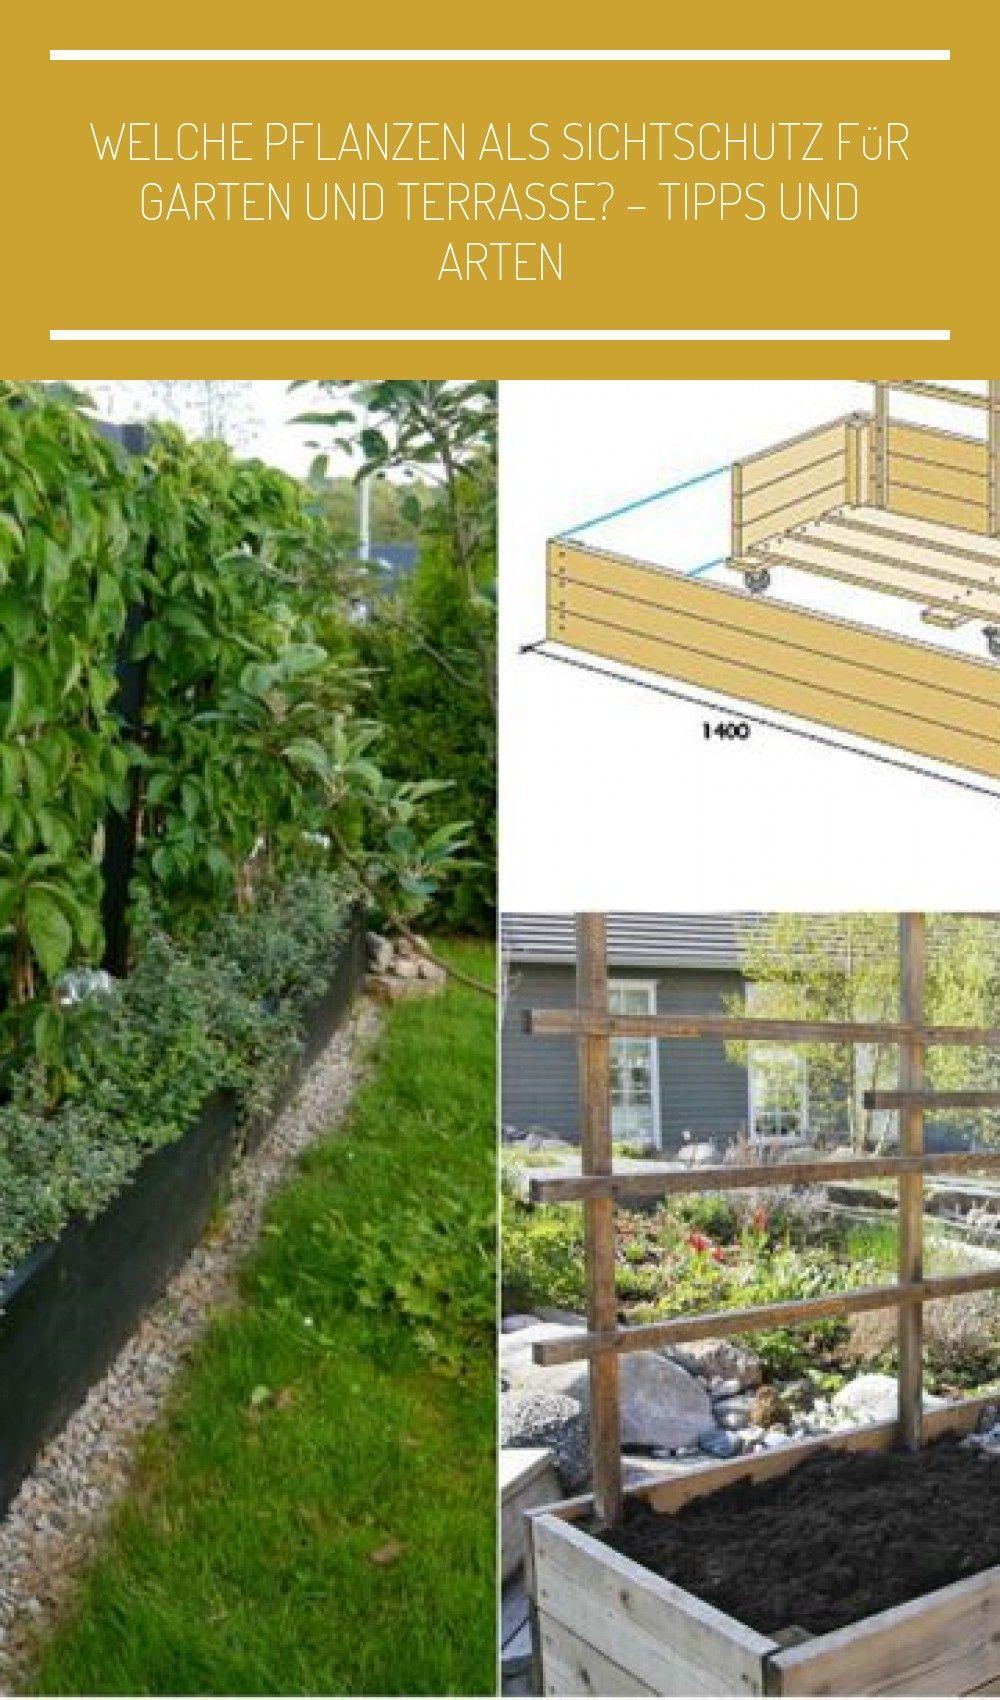 Welche Pflanzen Als Sichtschutz Fur Garten Und Terrasse Tipps